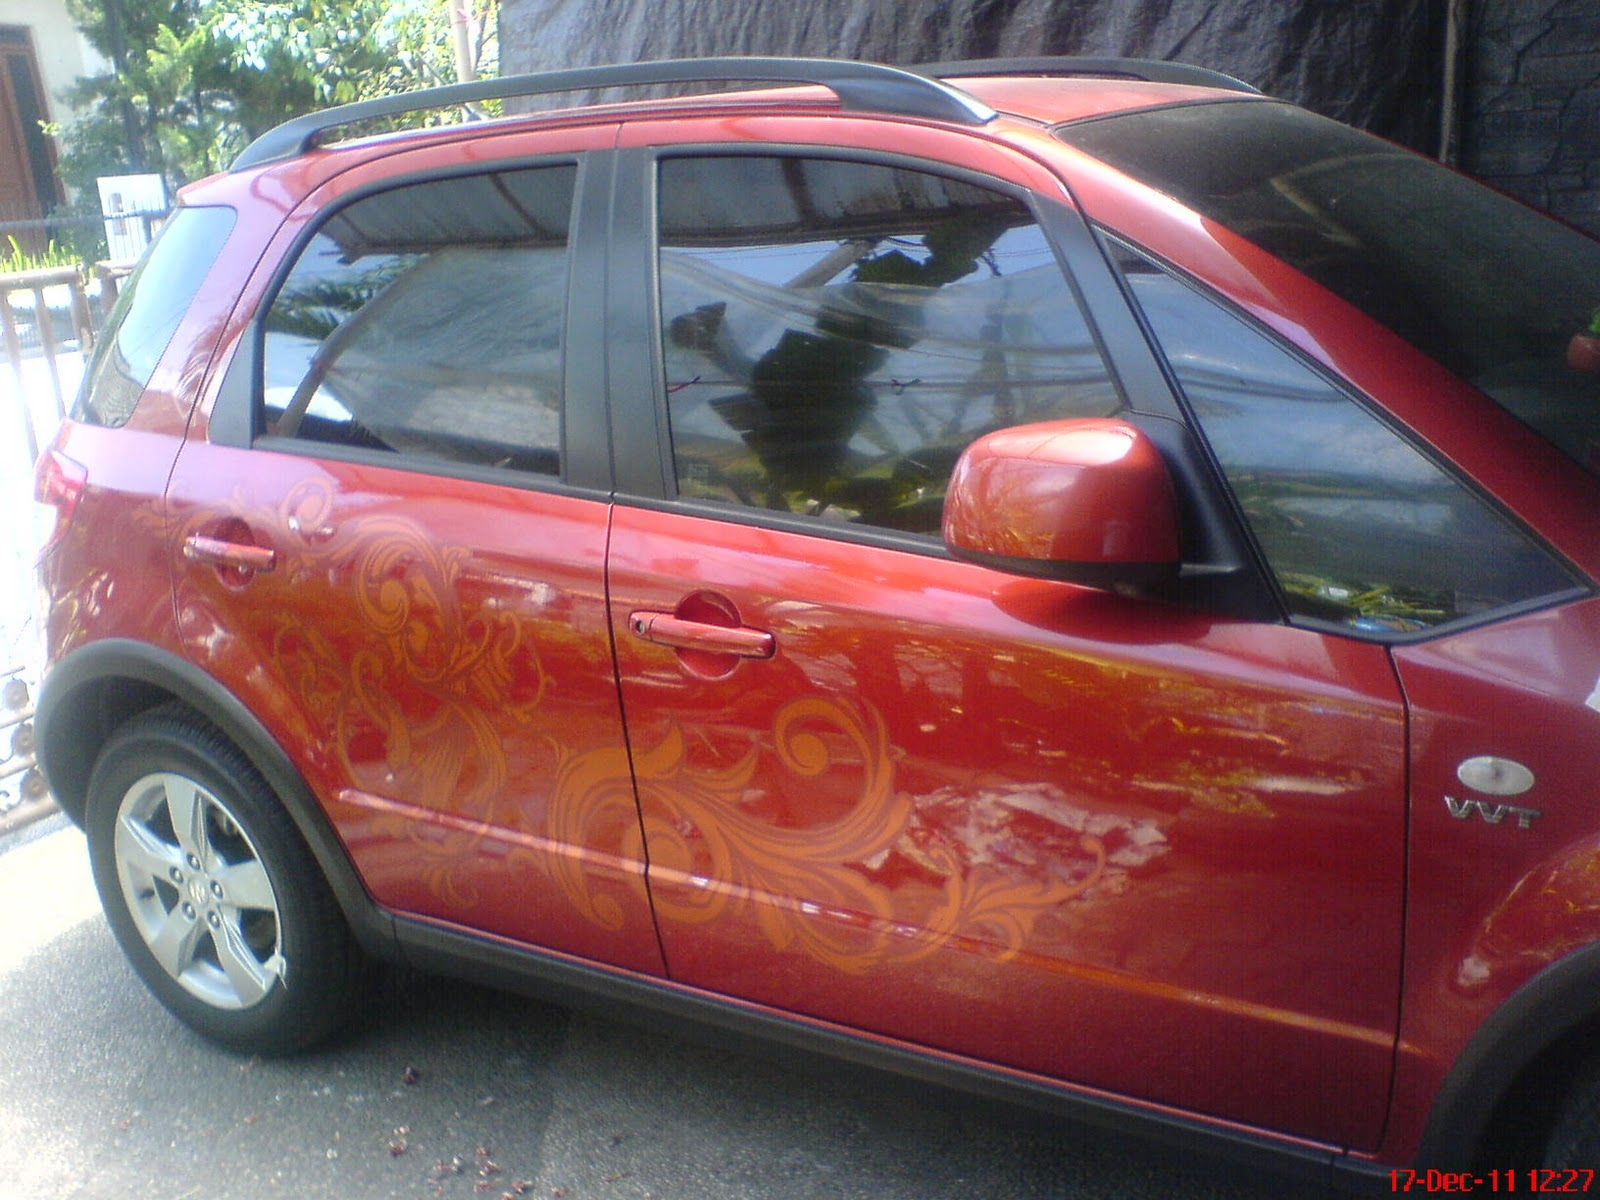 Airbrush Industries: Airbrush Mobil Suzuki SX4 motif batik Jambi